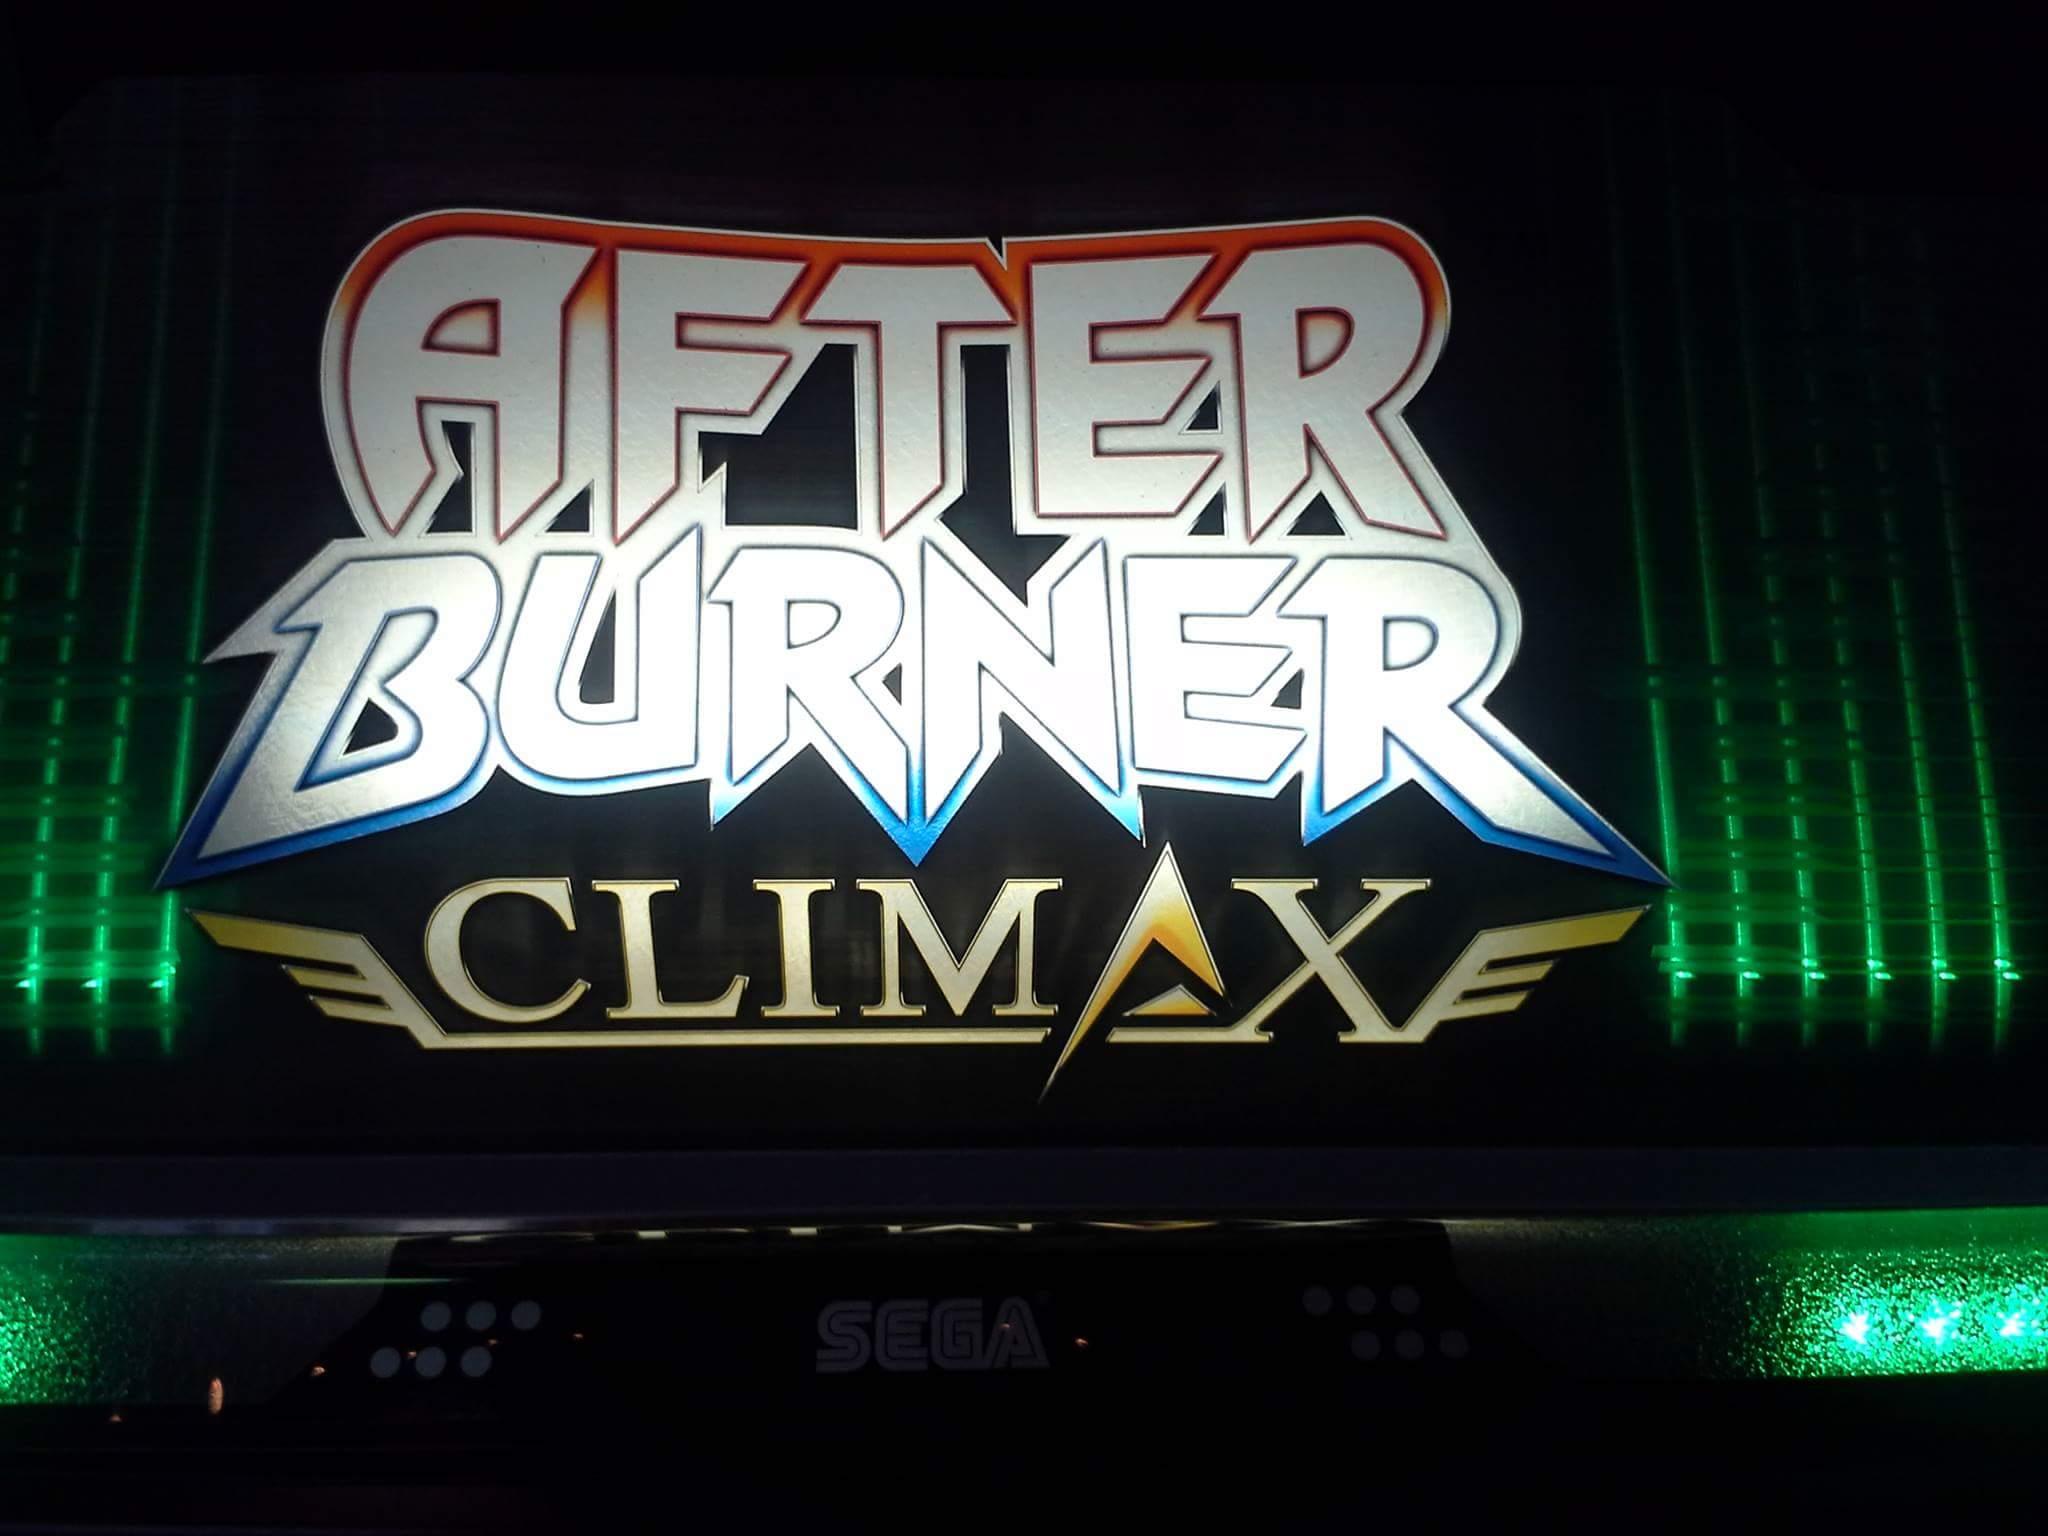 After Burner Climax 24,880 points